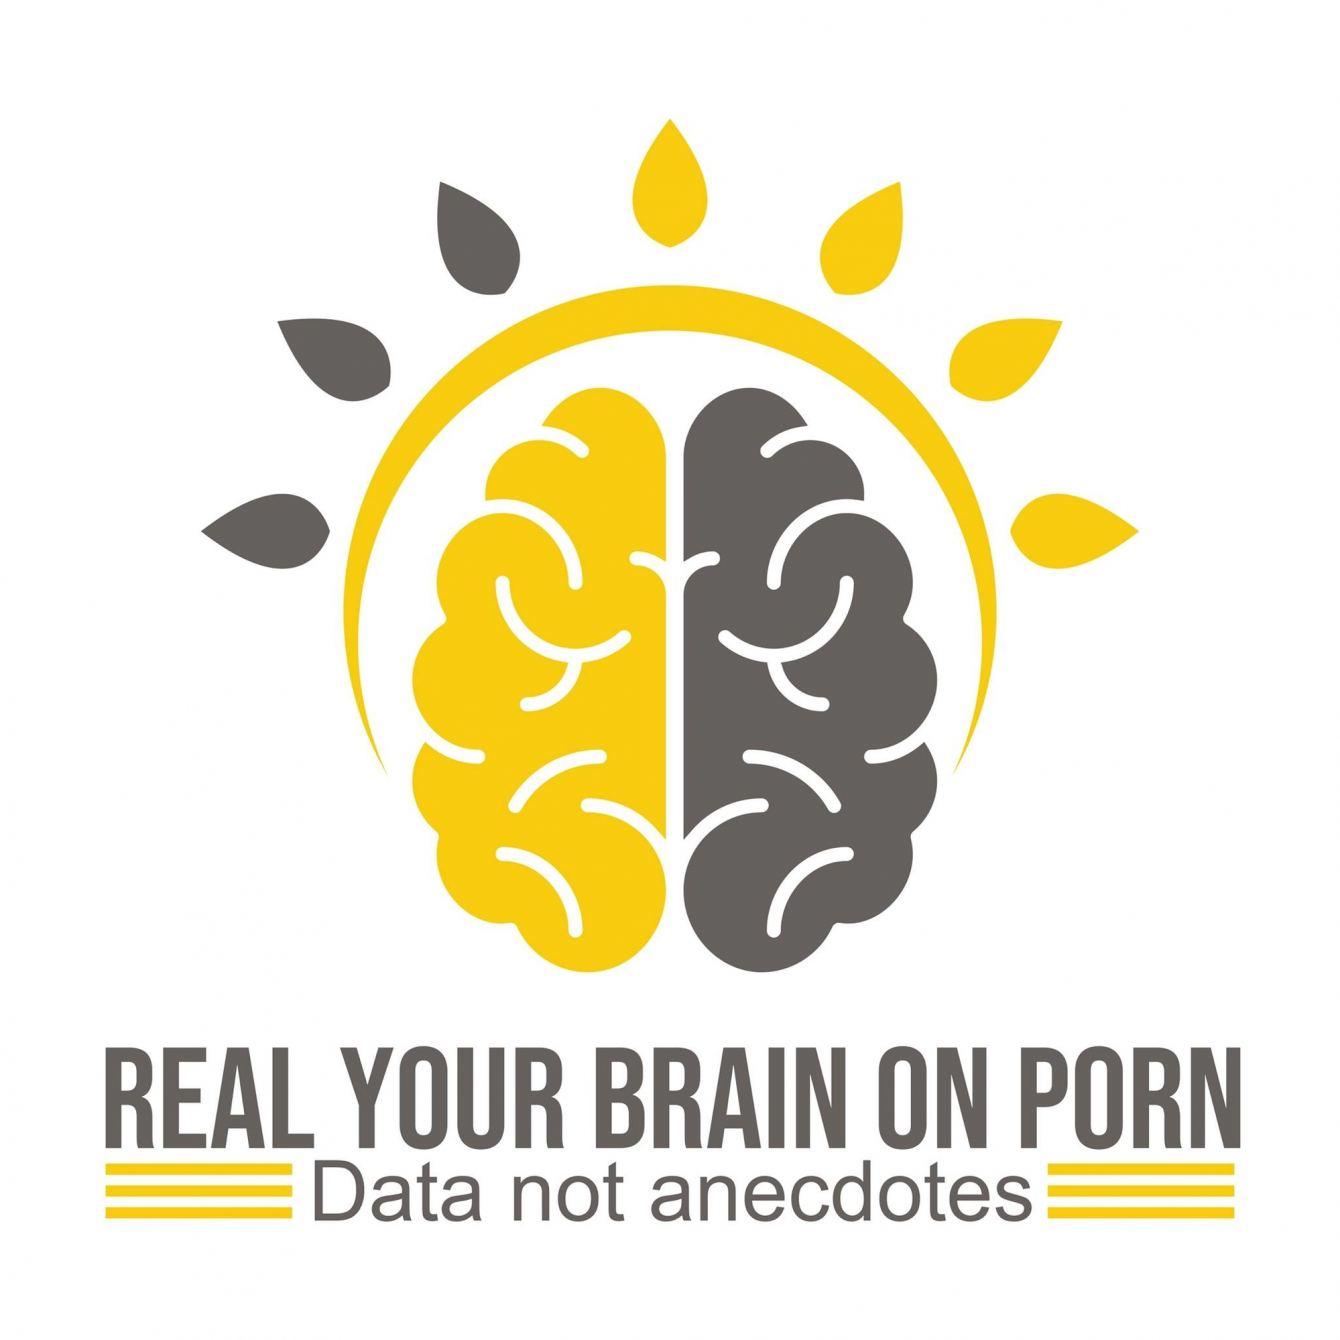 RealYourBrainOnPorn Logo